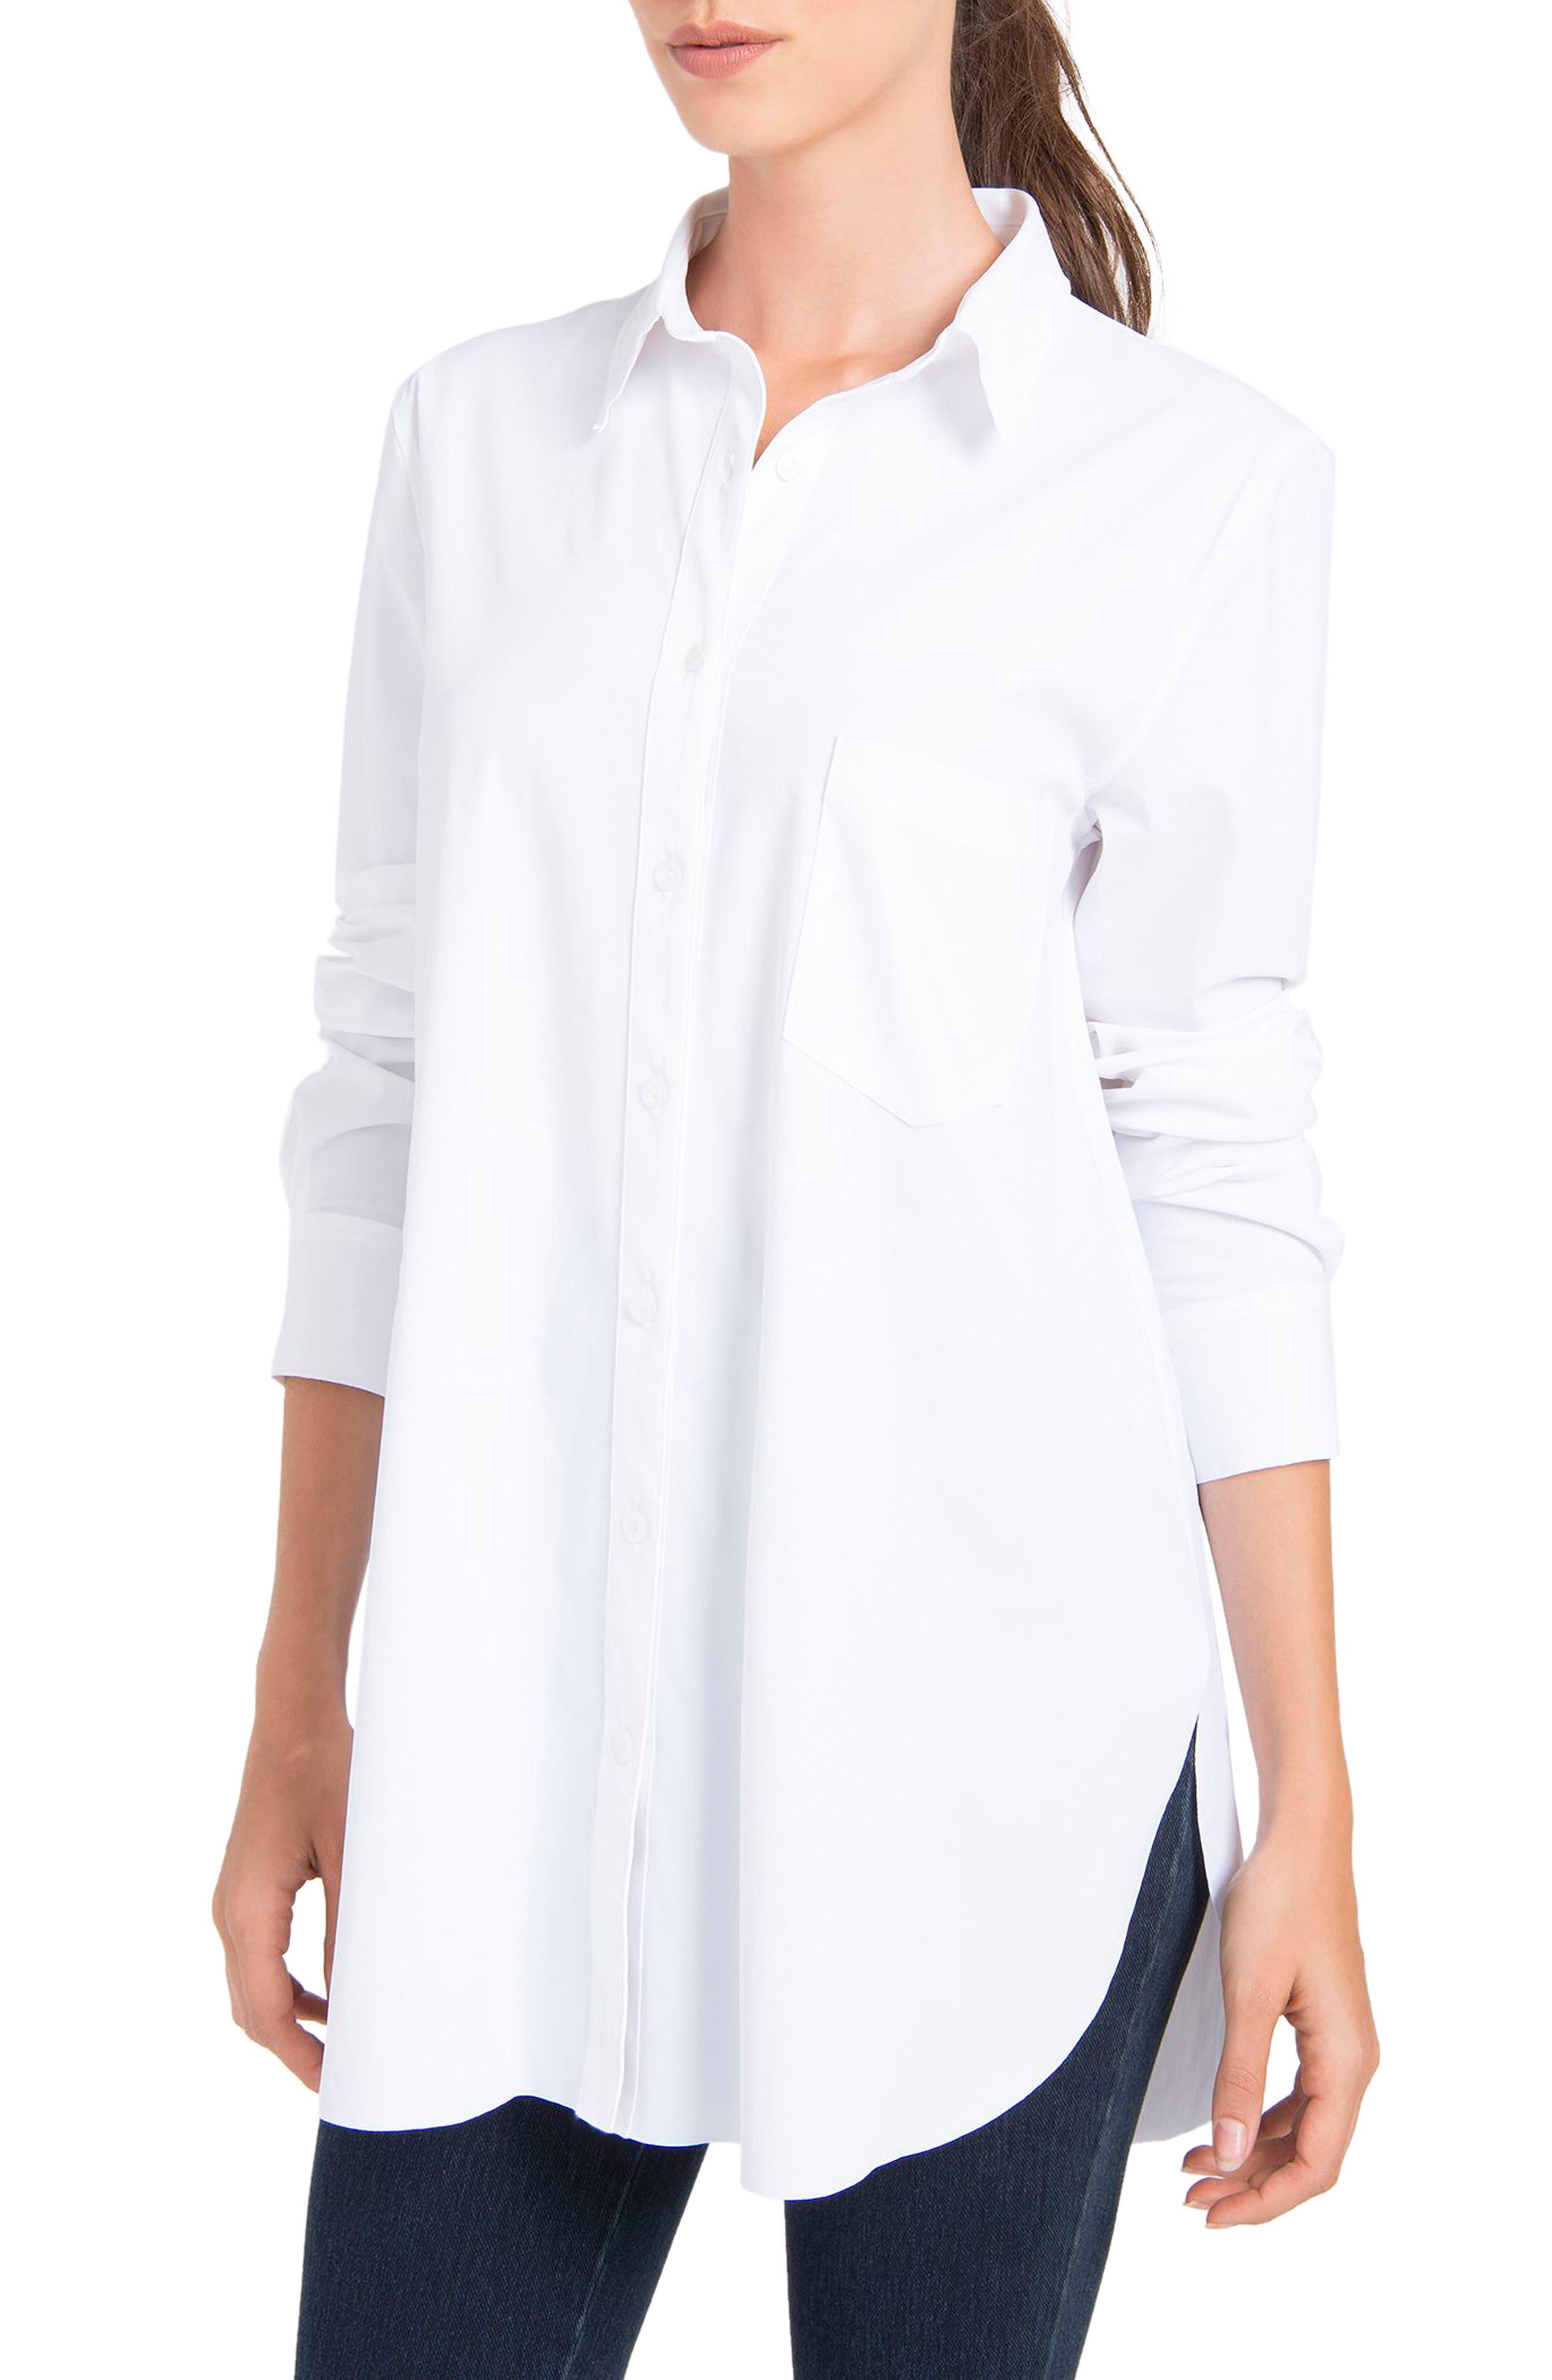 Lyssé Schiffer Shirt